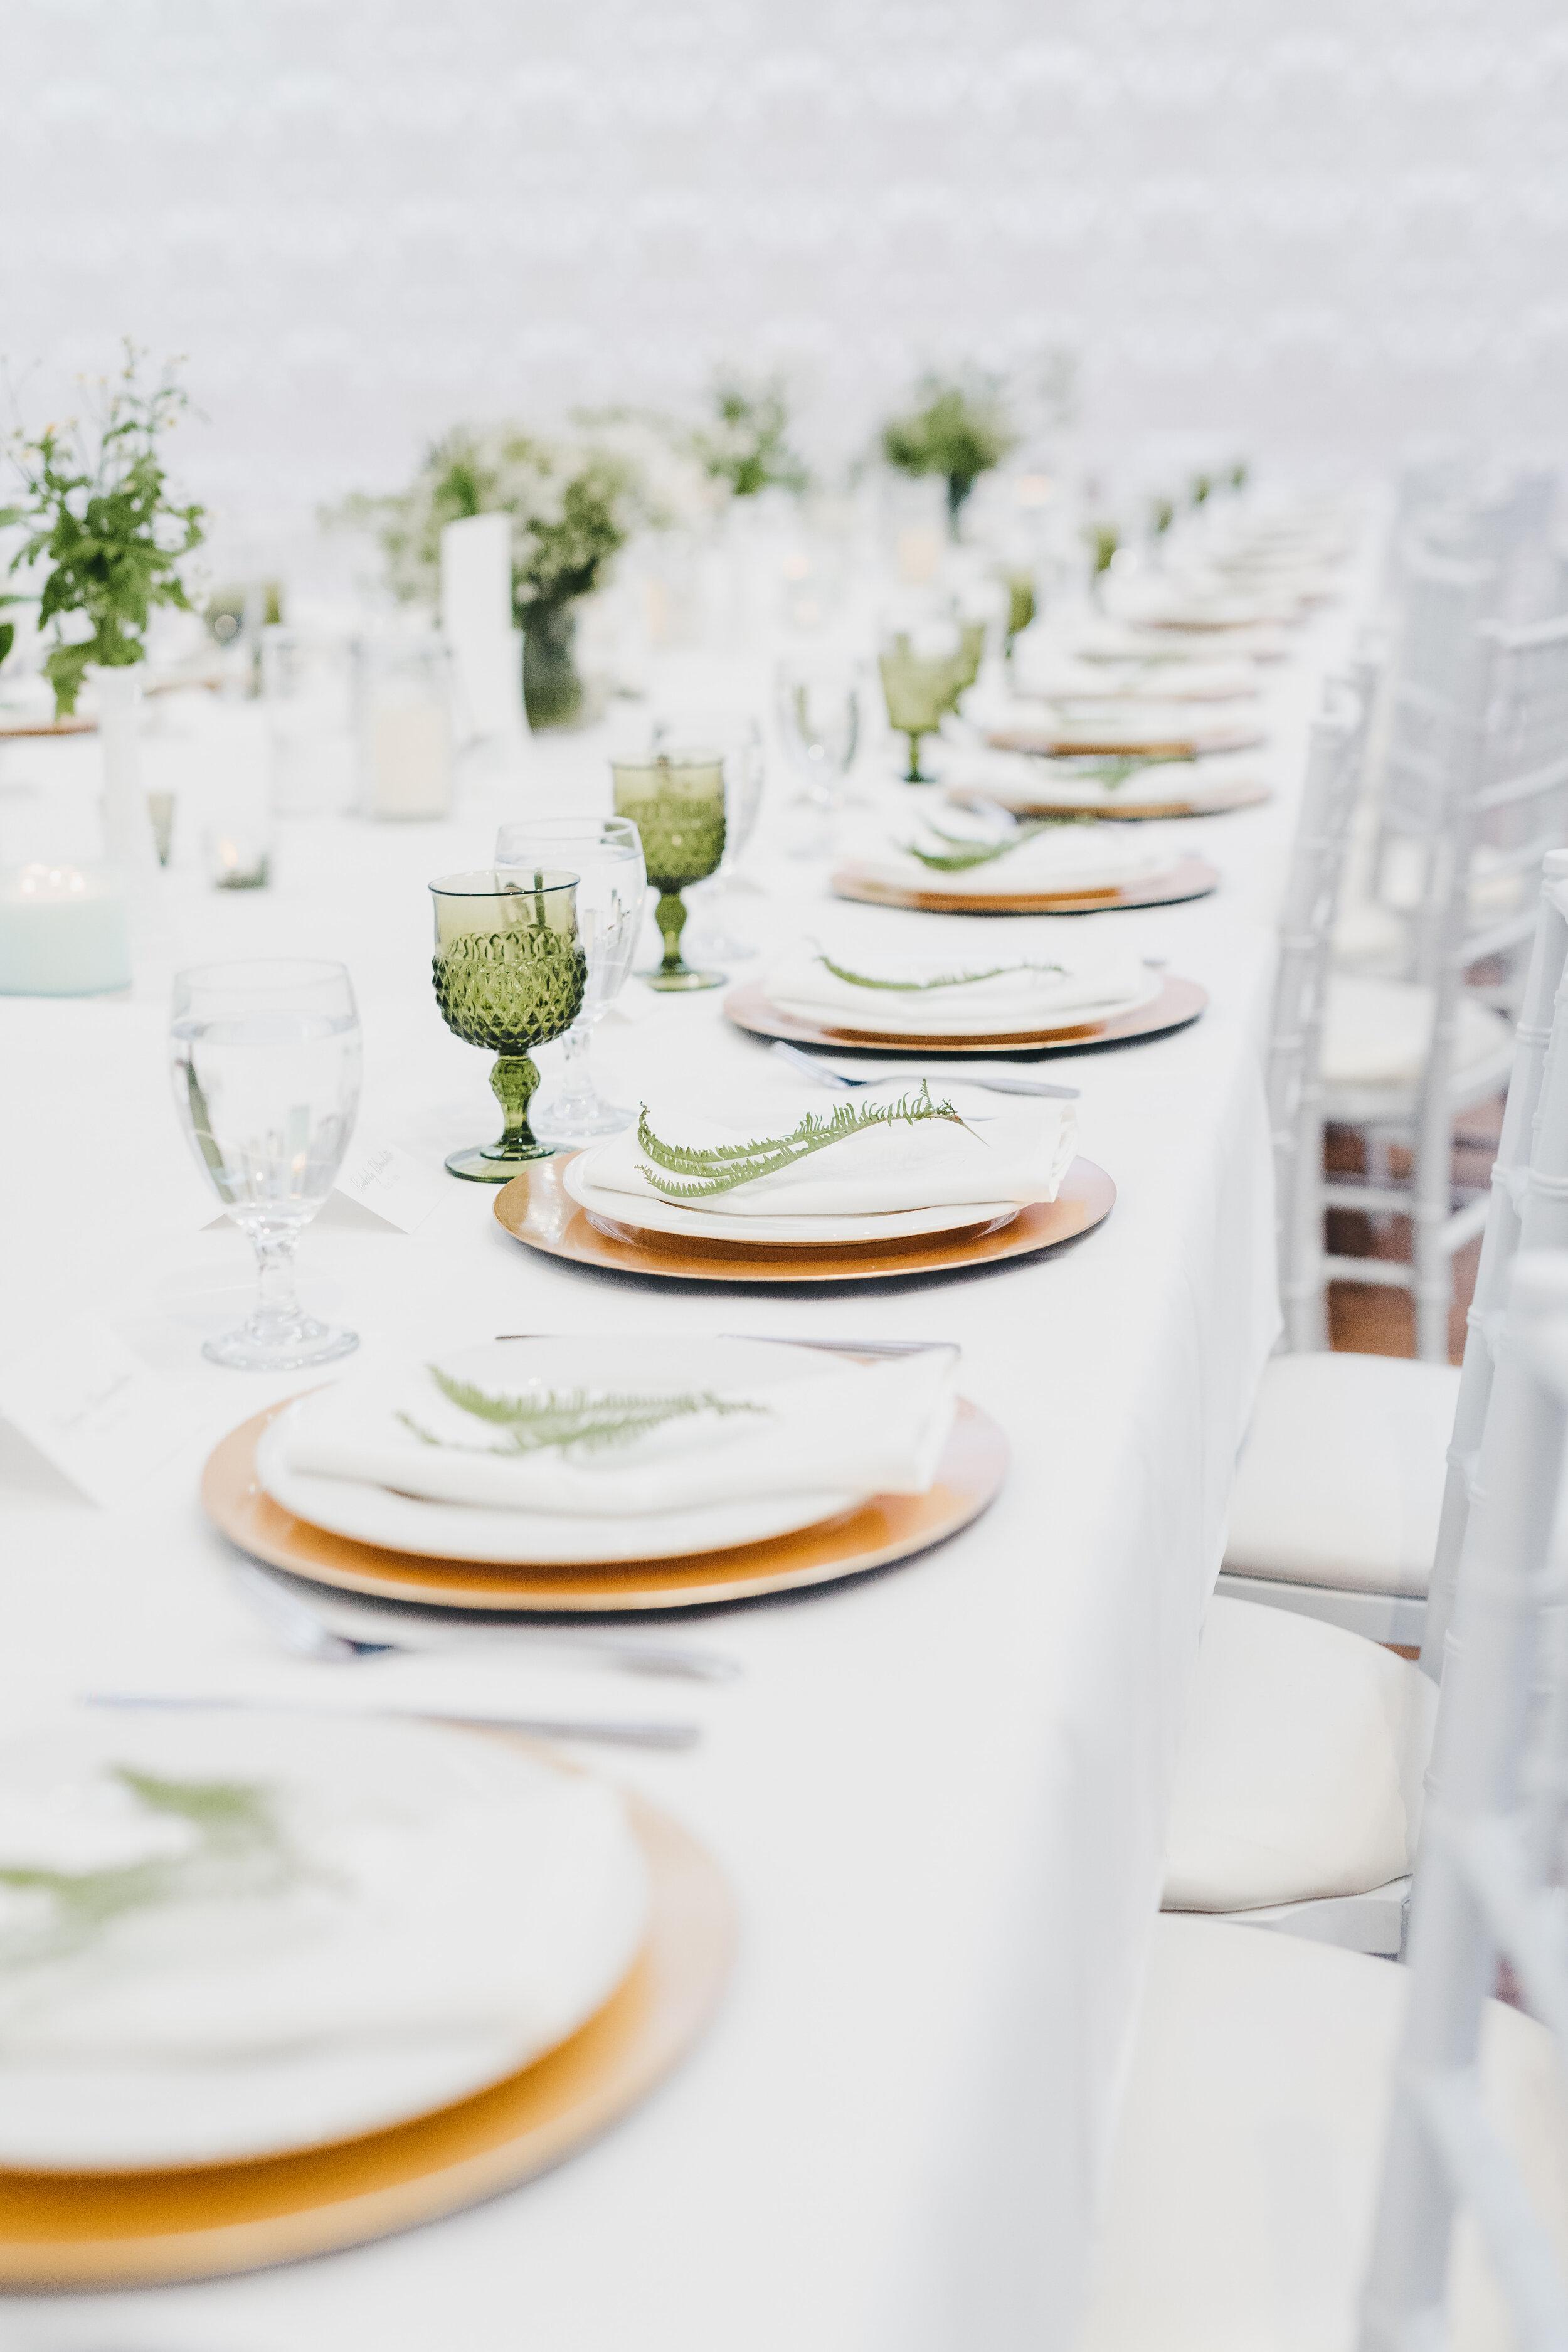 The Blaisdeill Summer Wedding 4.jpg